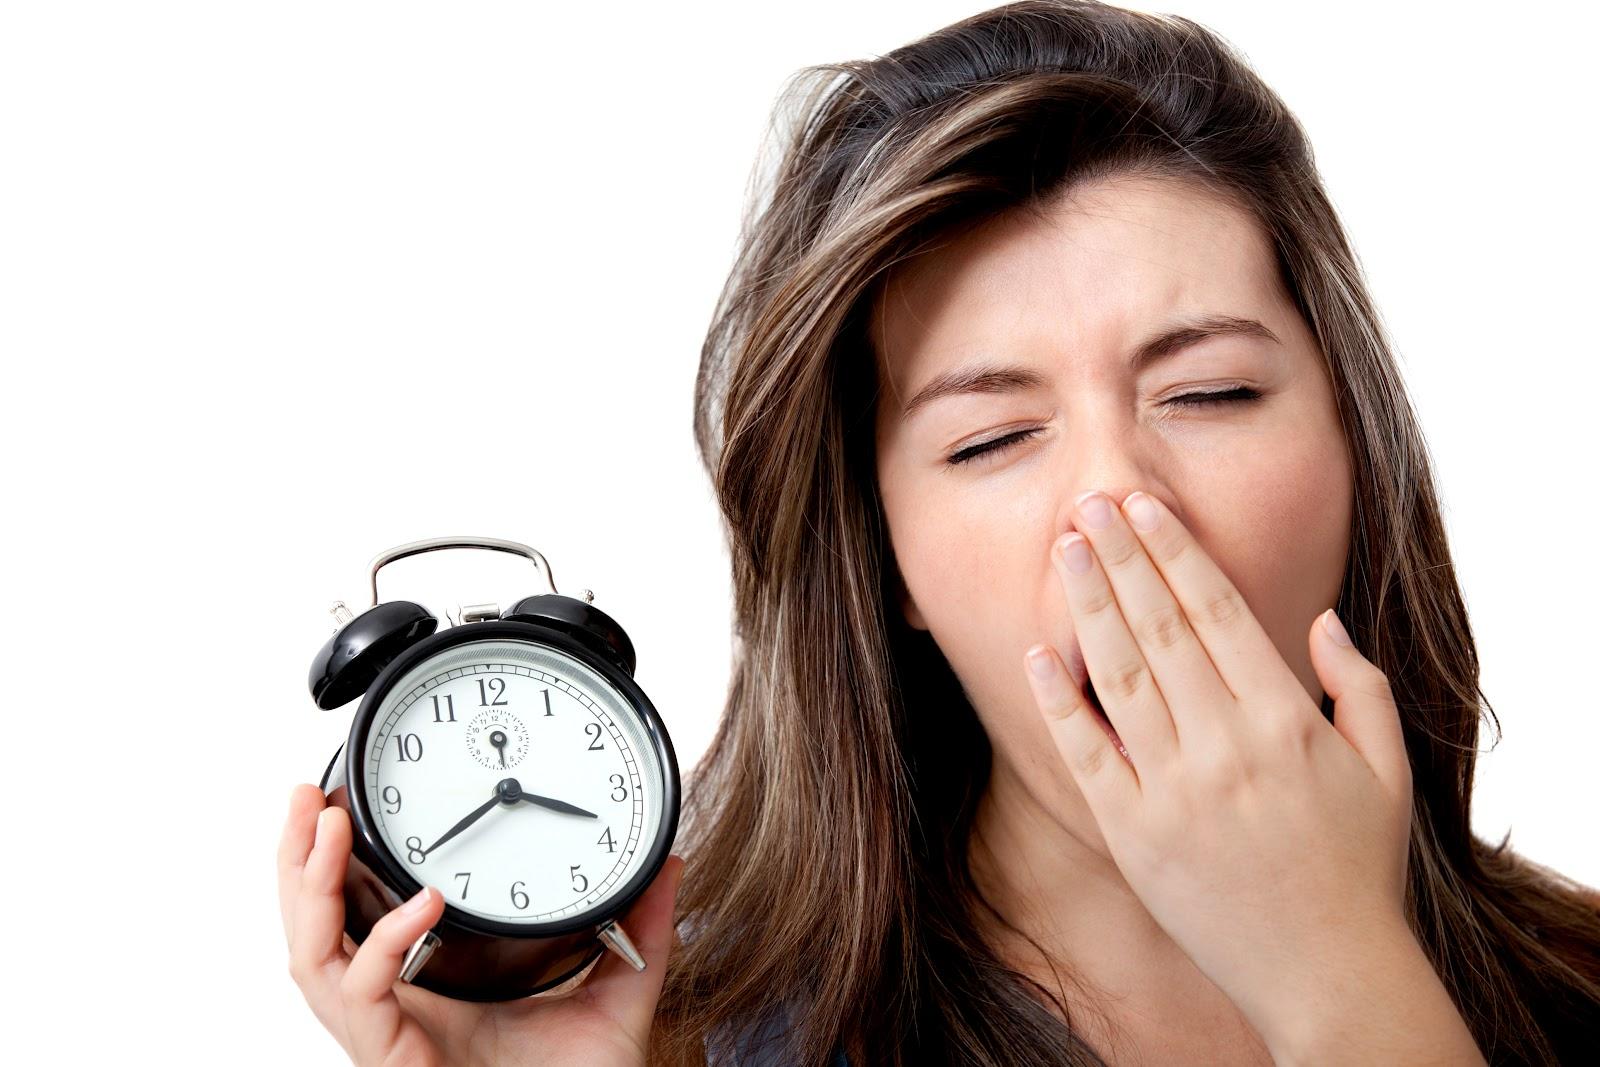 Gen Takviyesiyle Uykusuzluk Çözülecek